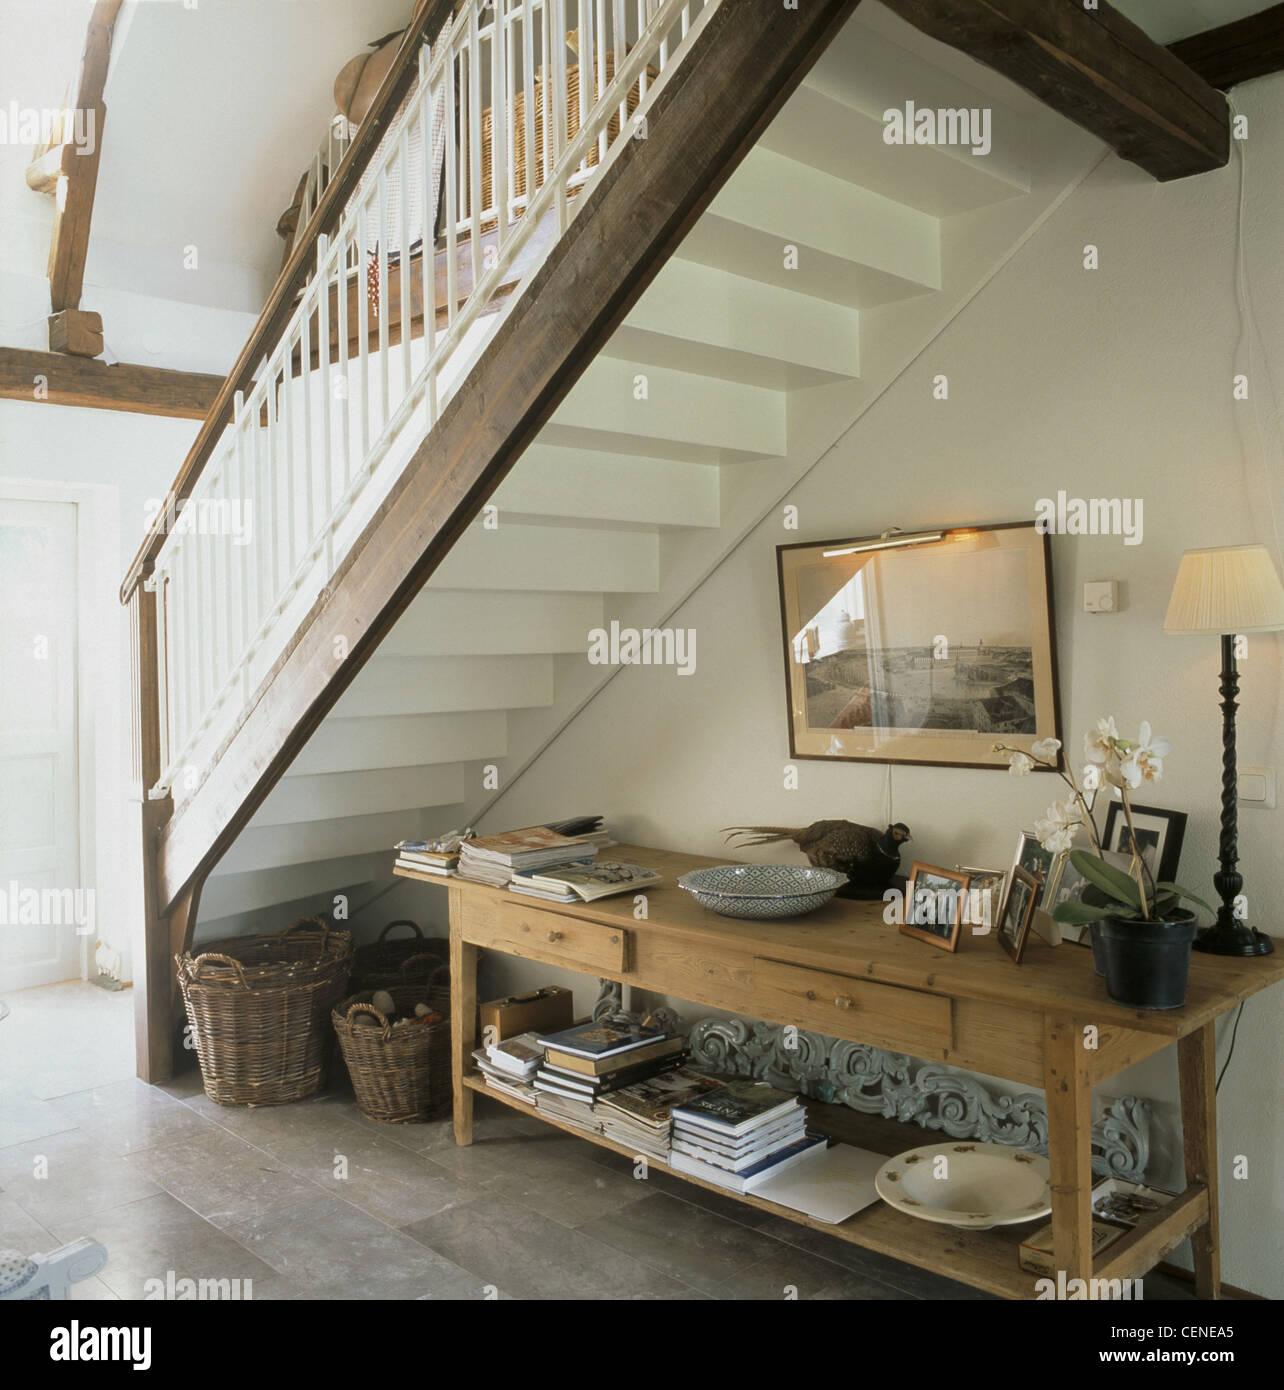 Langen Holztisch Schubladen und Haufen Bücher, Gruppe von Fotos in ...